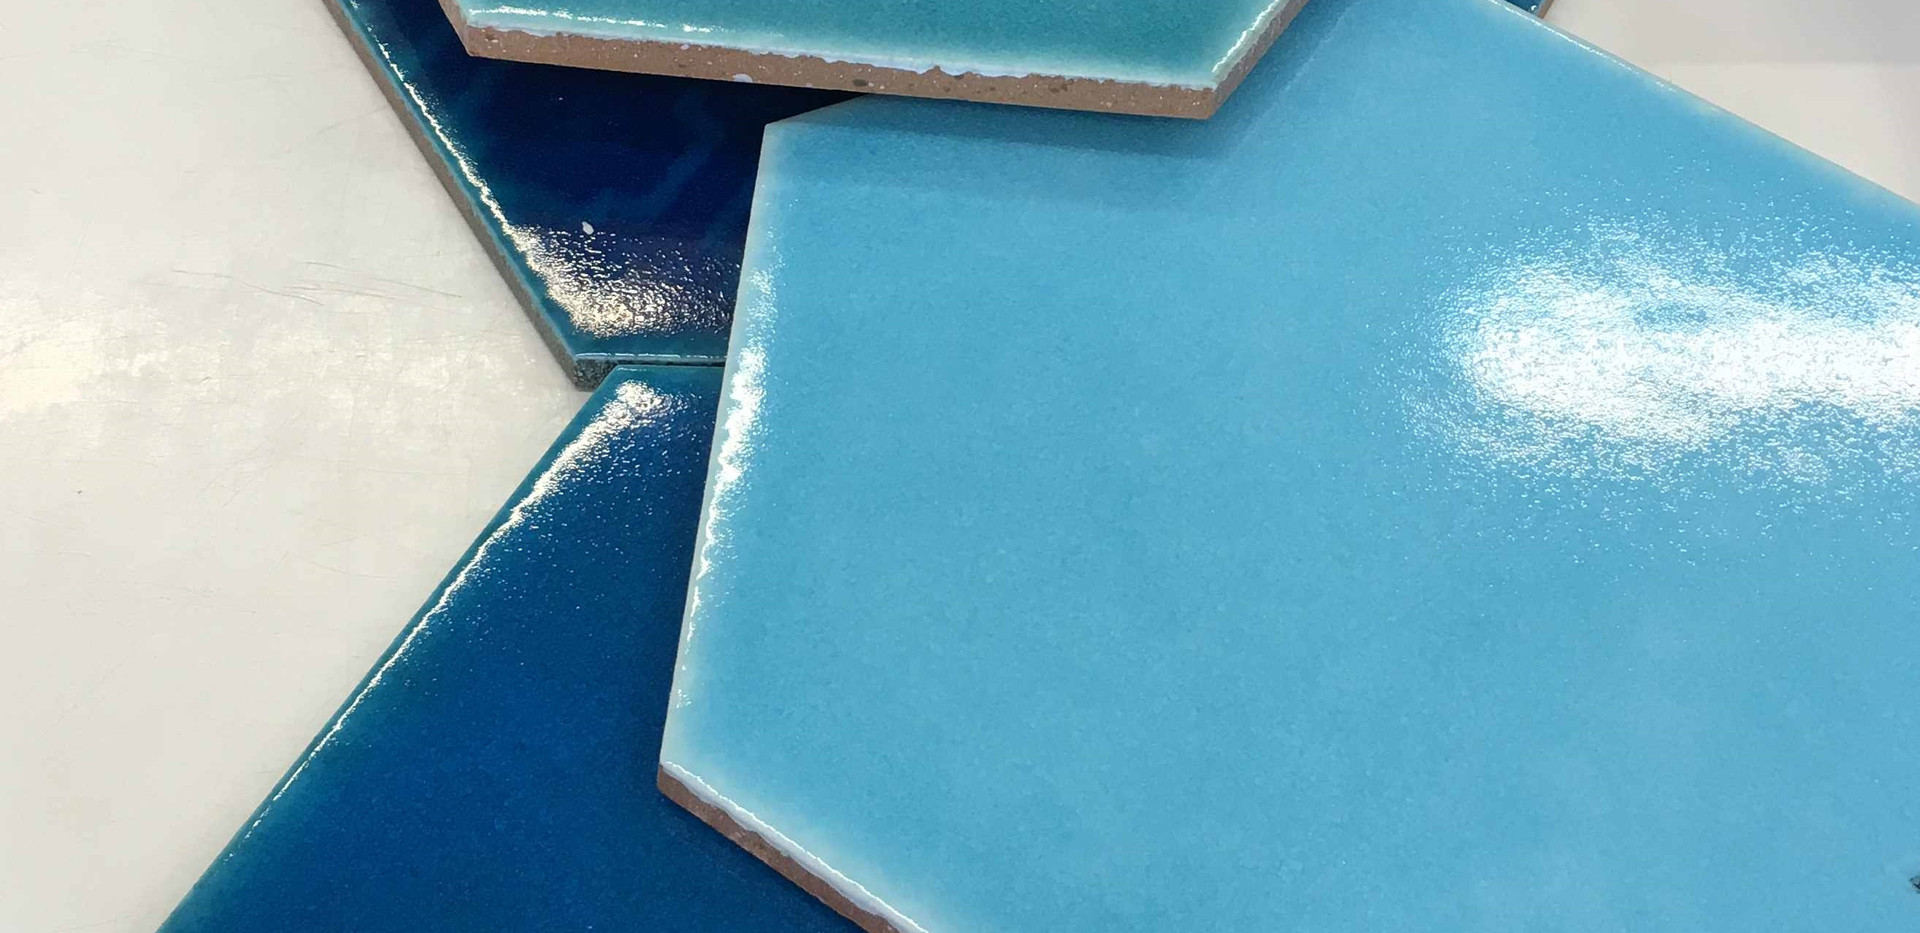 אריחי משושה בגווני כחול לריצוף ולחיפוי